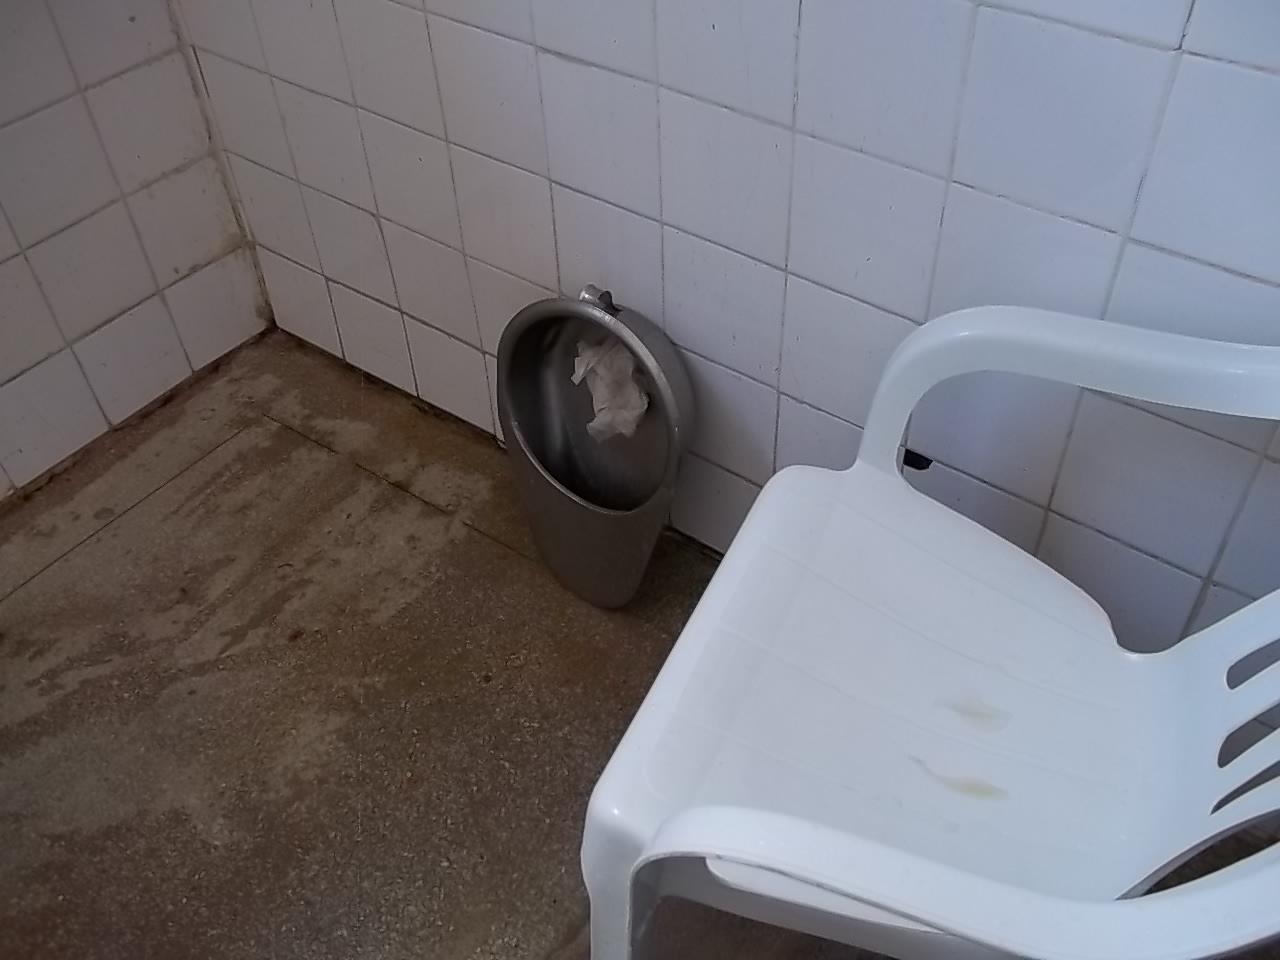 GALERIA DE FOTOS DO PESQUEIRA EM FOCO: FOTOS TIRADAS NO INTERIOR DO  #4F637C 1280x960 Atenção Banheiro Interditado